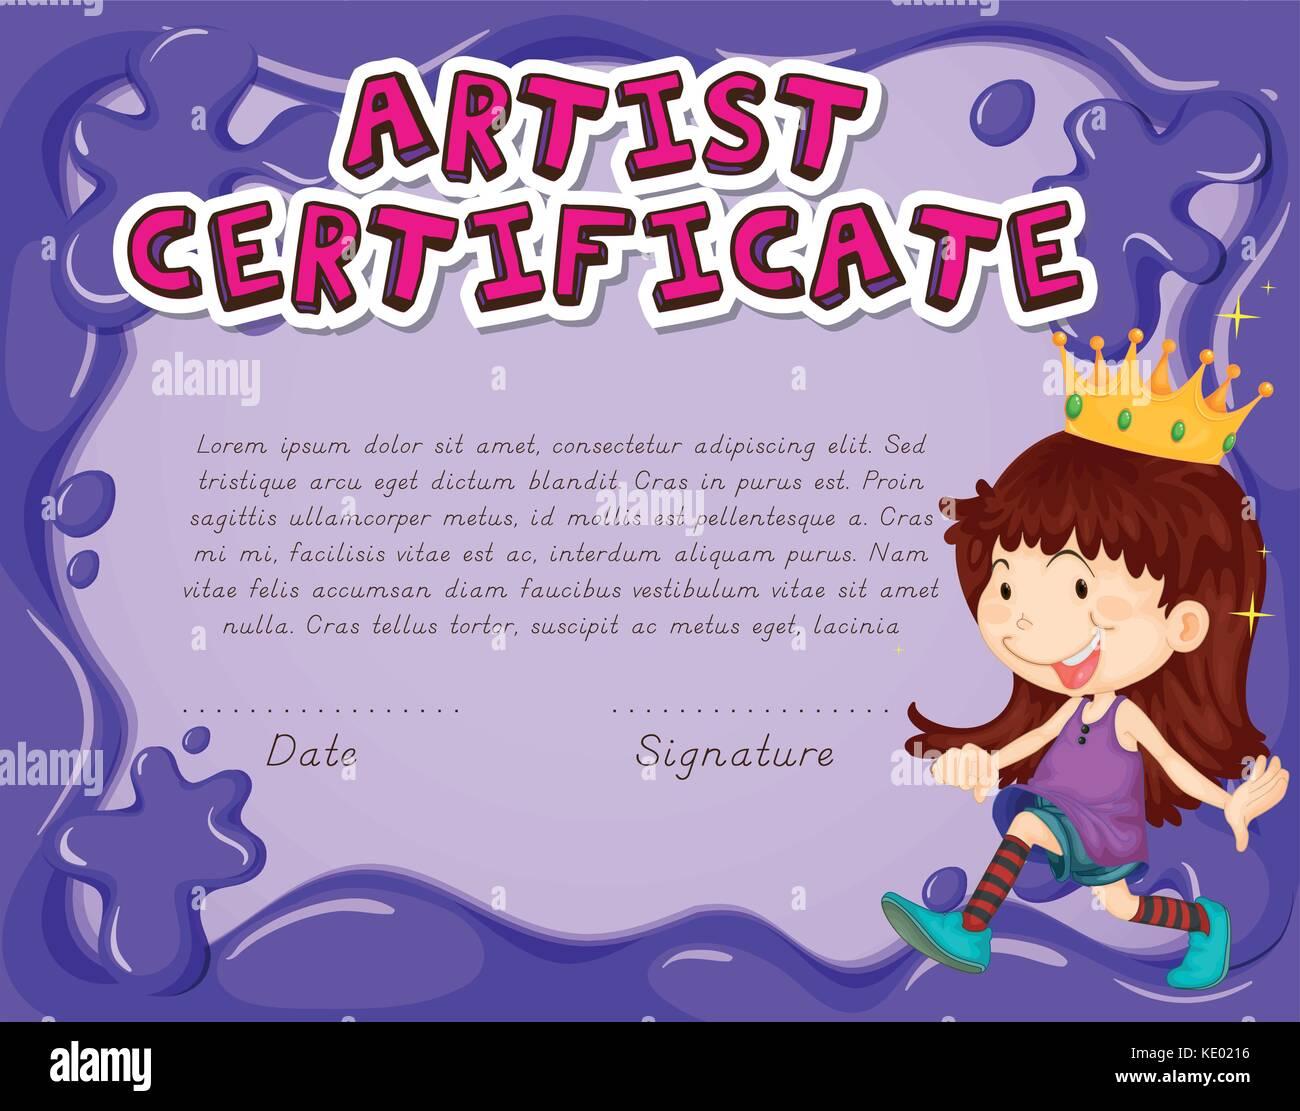 Certificate Template For Artist Illustration Stock Vector Art